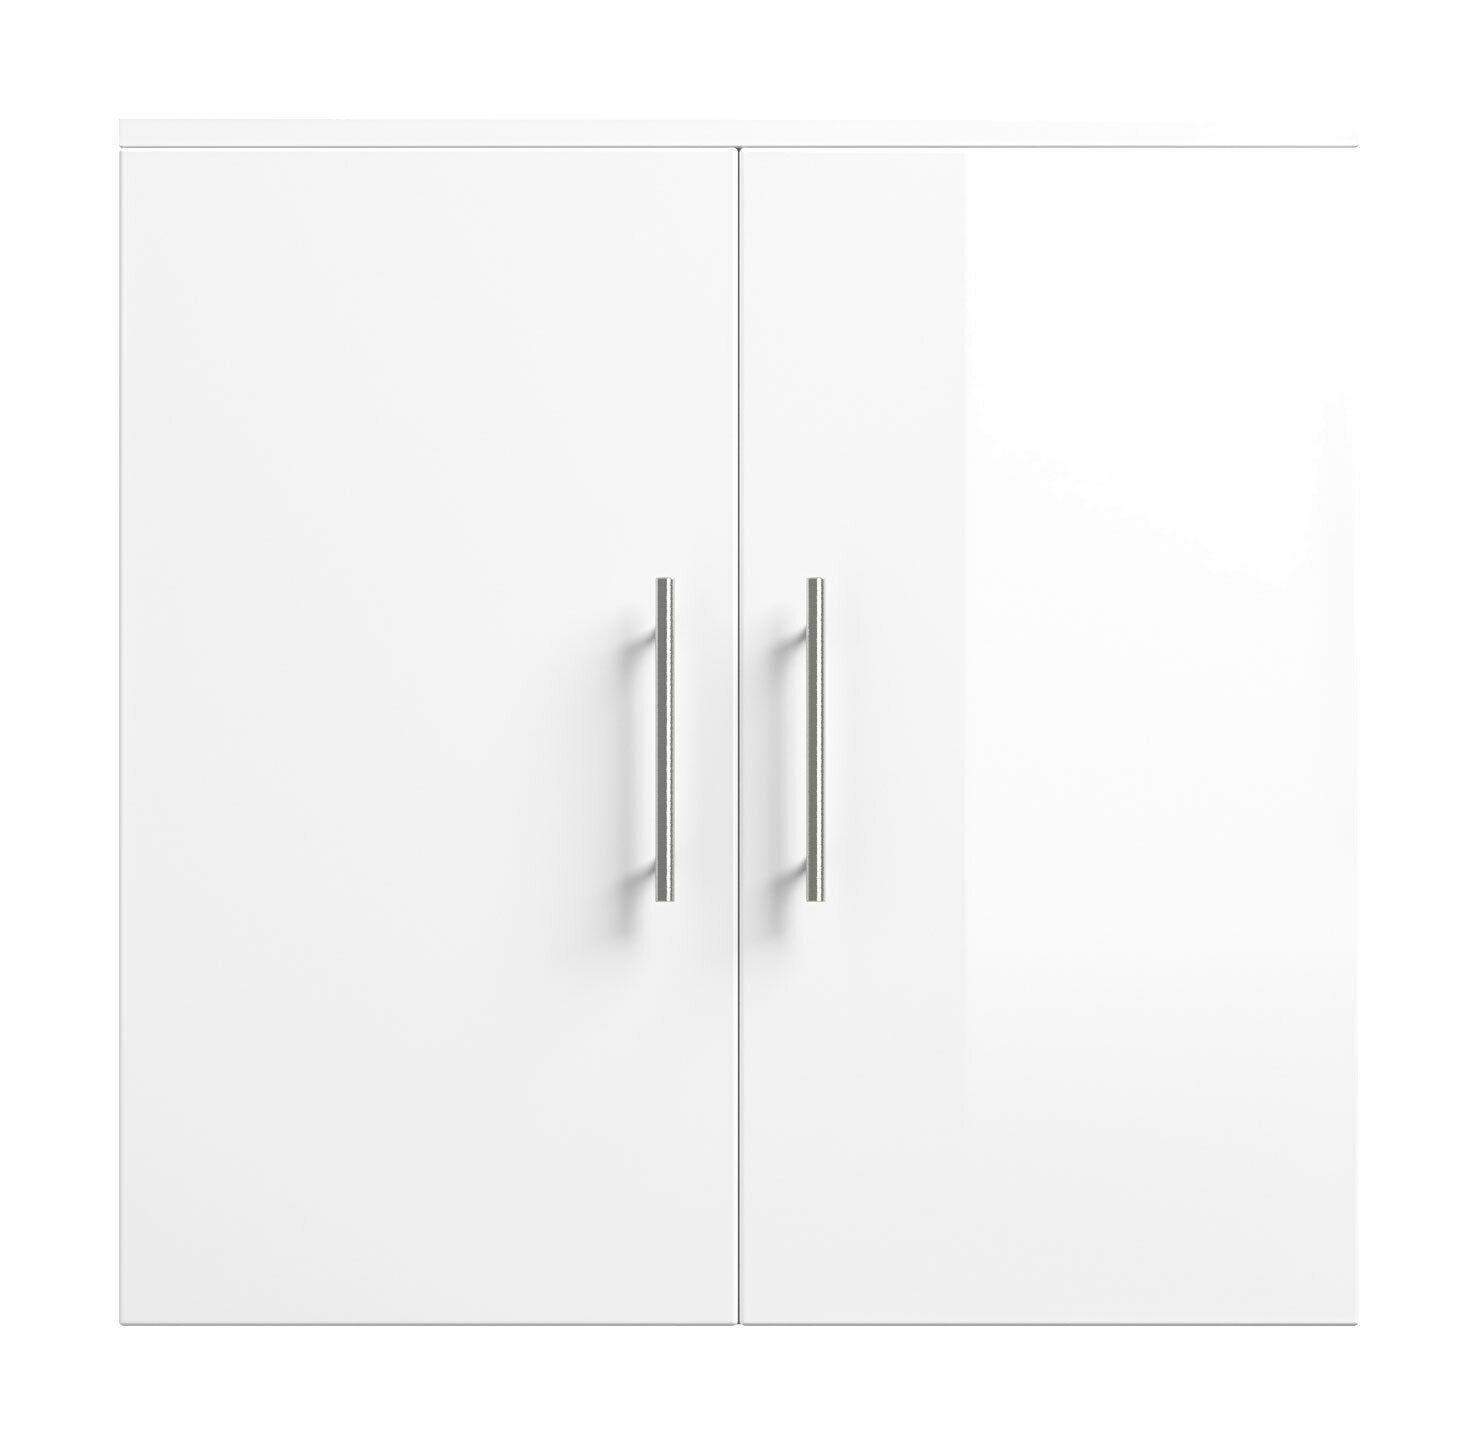 Badezimmer Hangeschrank Oberspind Wandschrank Medizinschrank Posseik Salona Weiss Ebay In 2020 Spind Badezimmer Hangeschrank Wandschrank